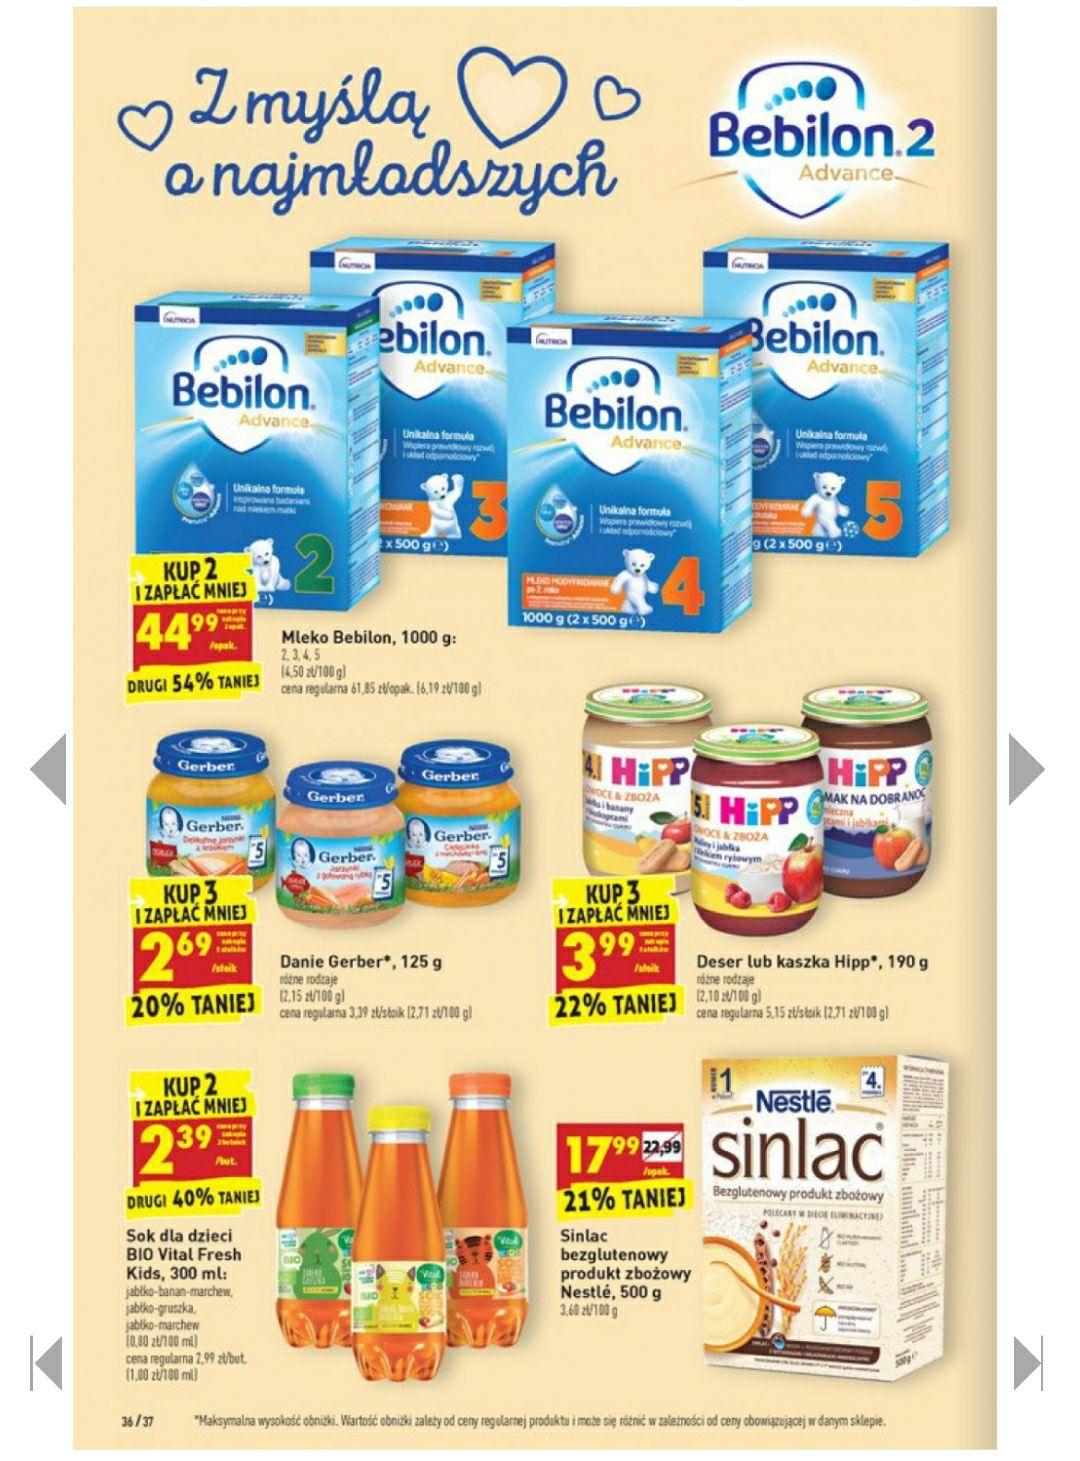 Mleko Bebilon 2,3,4,5 1000g przy zakupie 2 szt biedronka